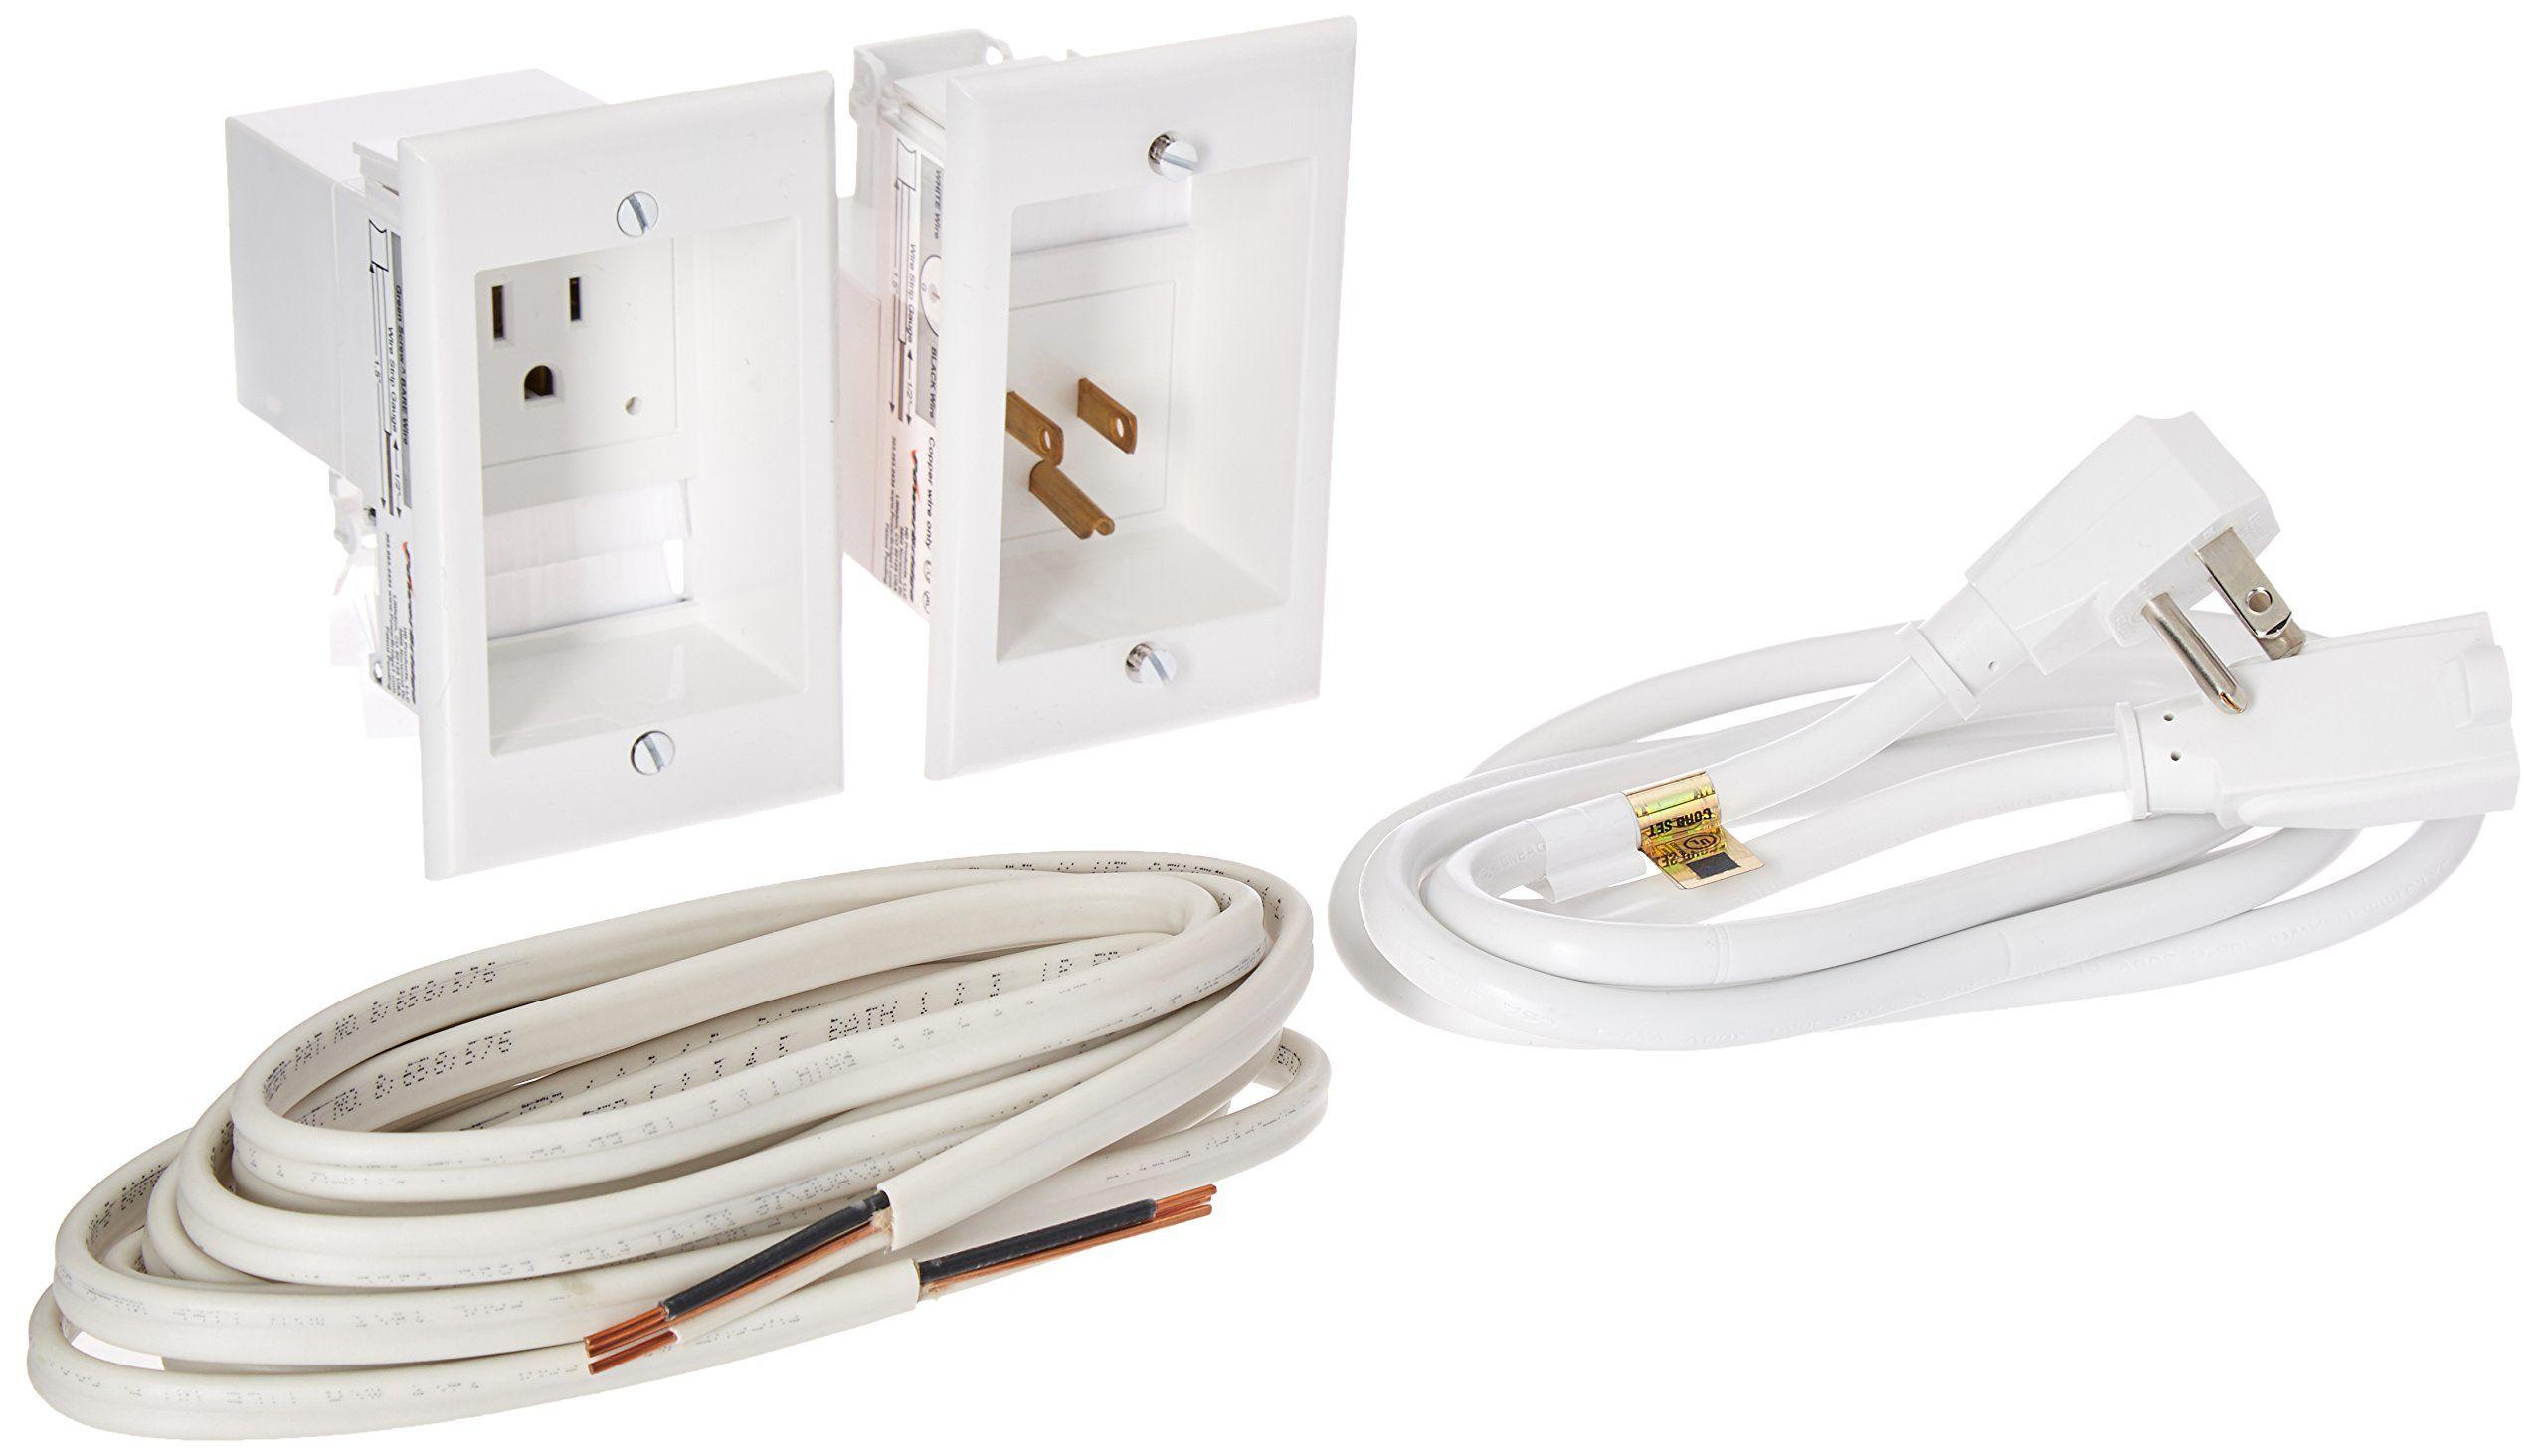 Schön Was Ist Romex Kabel Bilder - Elektrische Schaltplan-Ideen ...